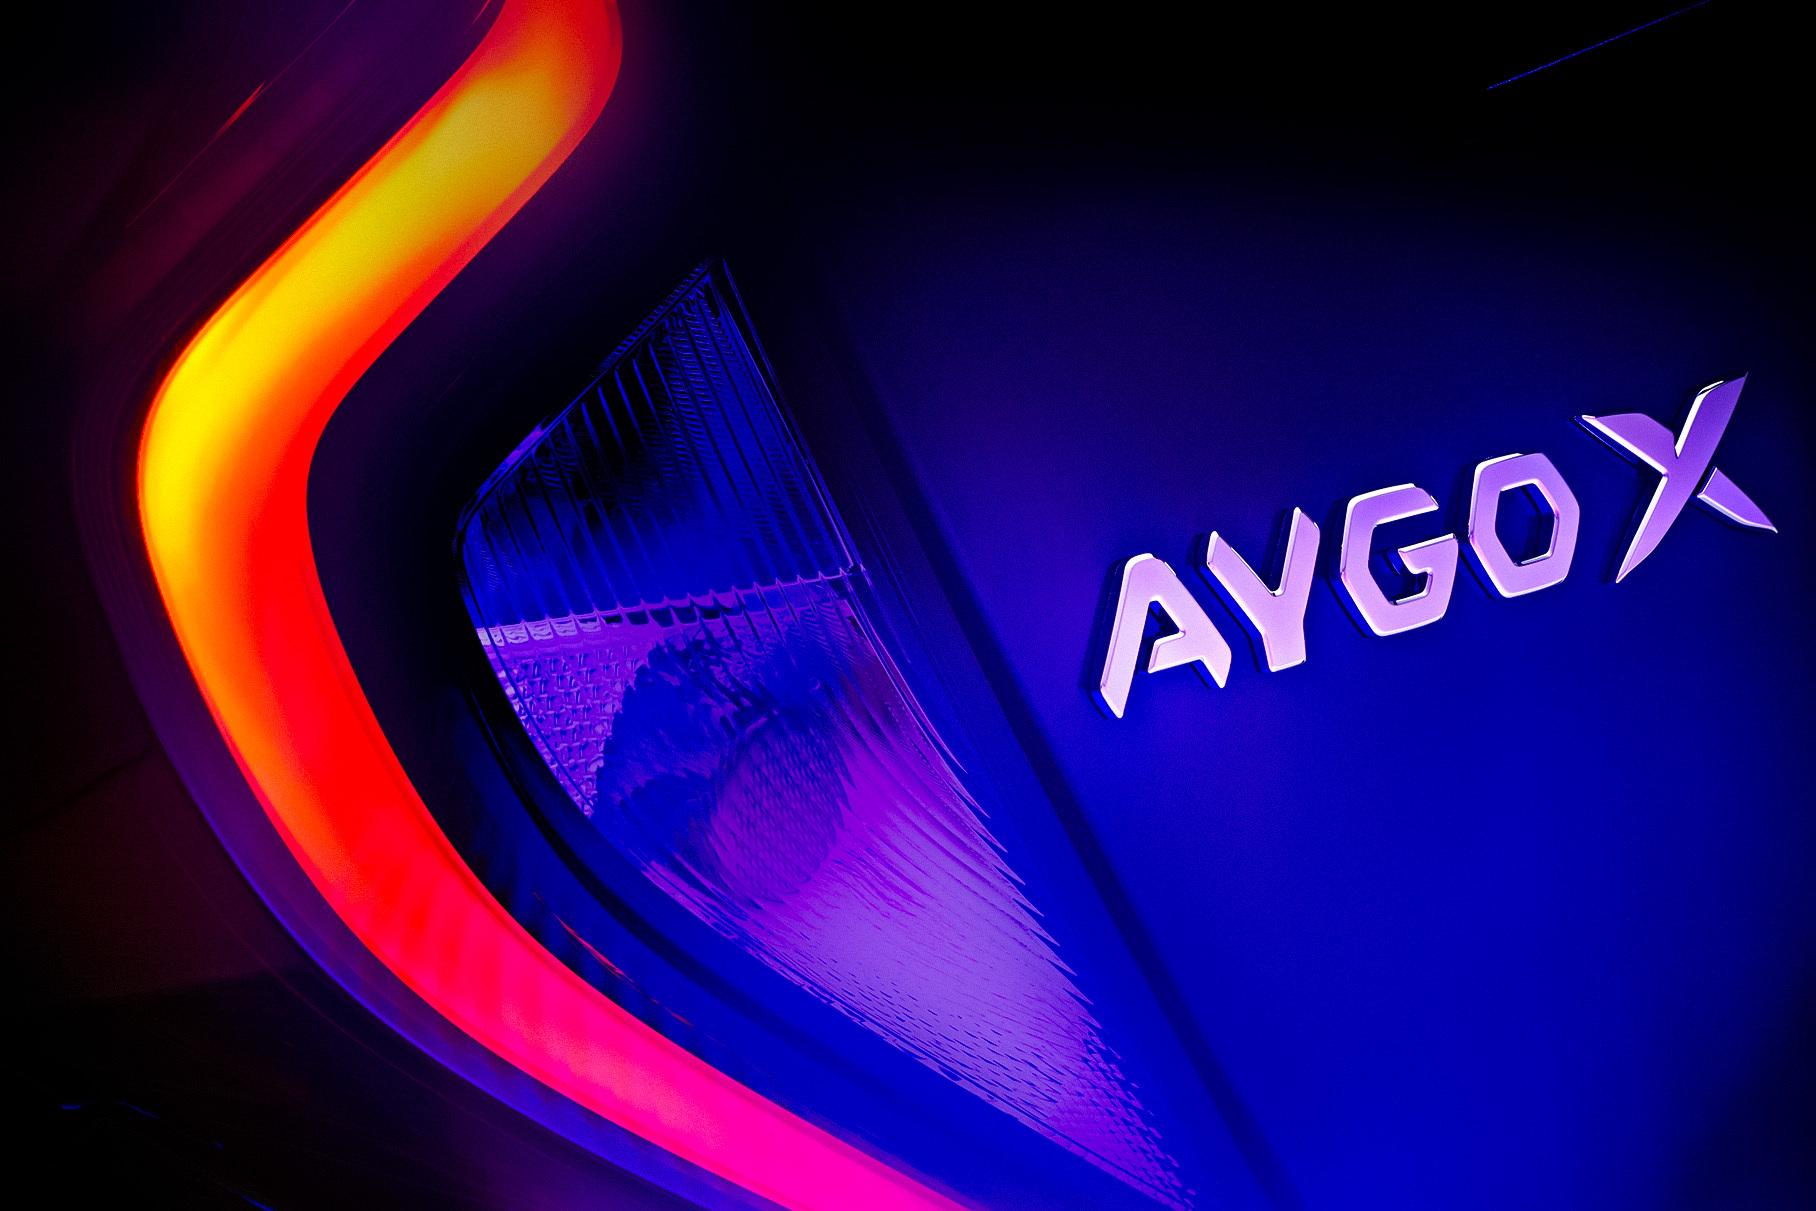 Первый тизер компактного кроссовера Toyota Aygo X